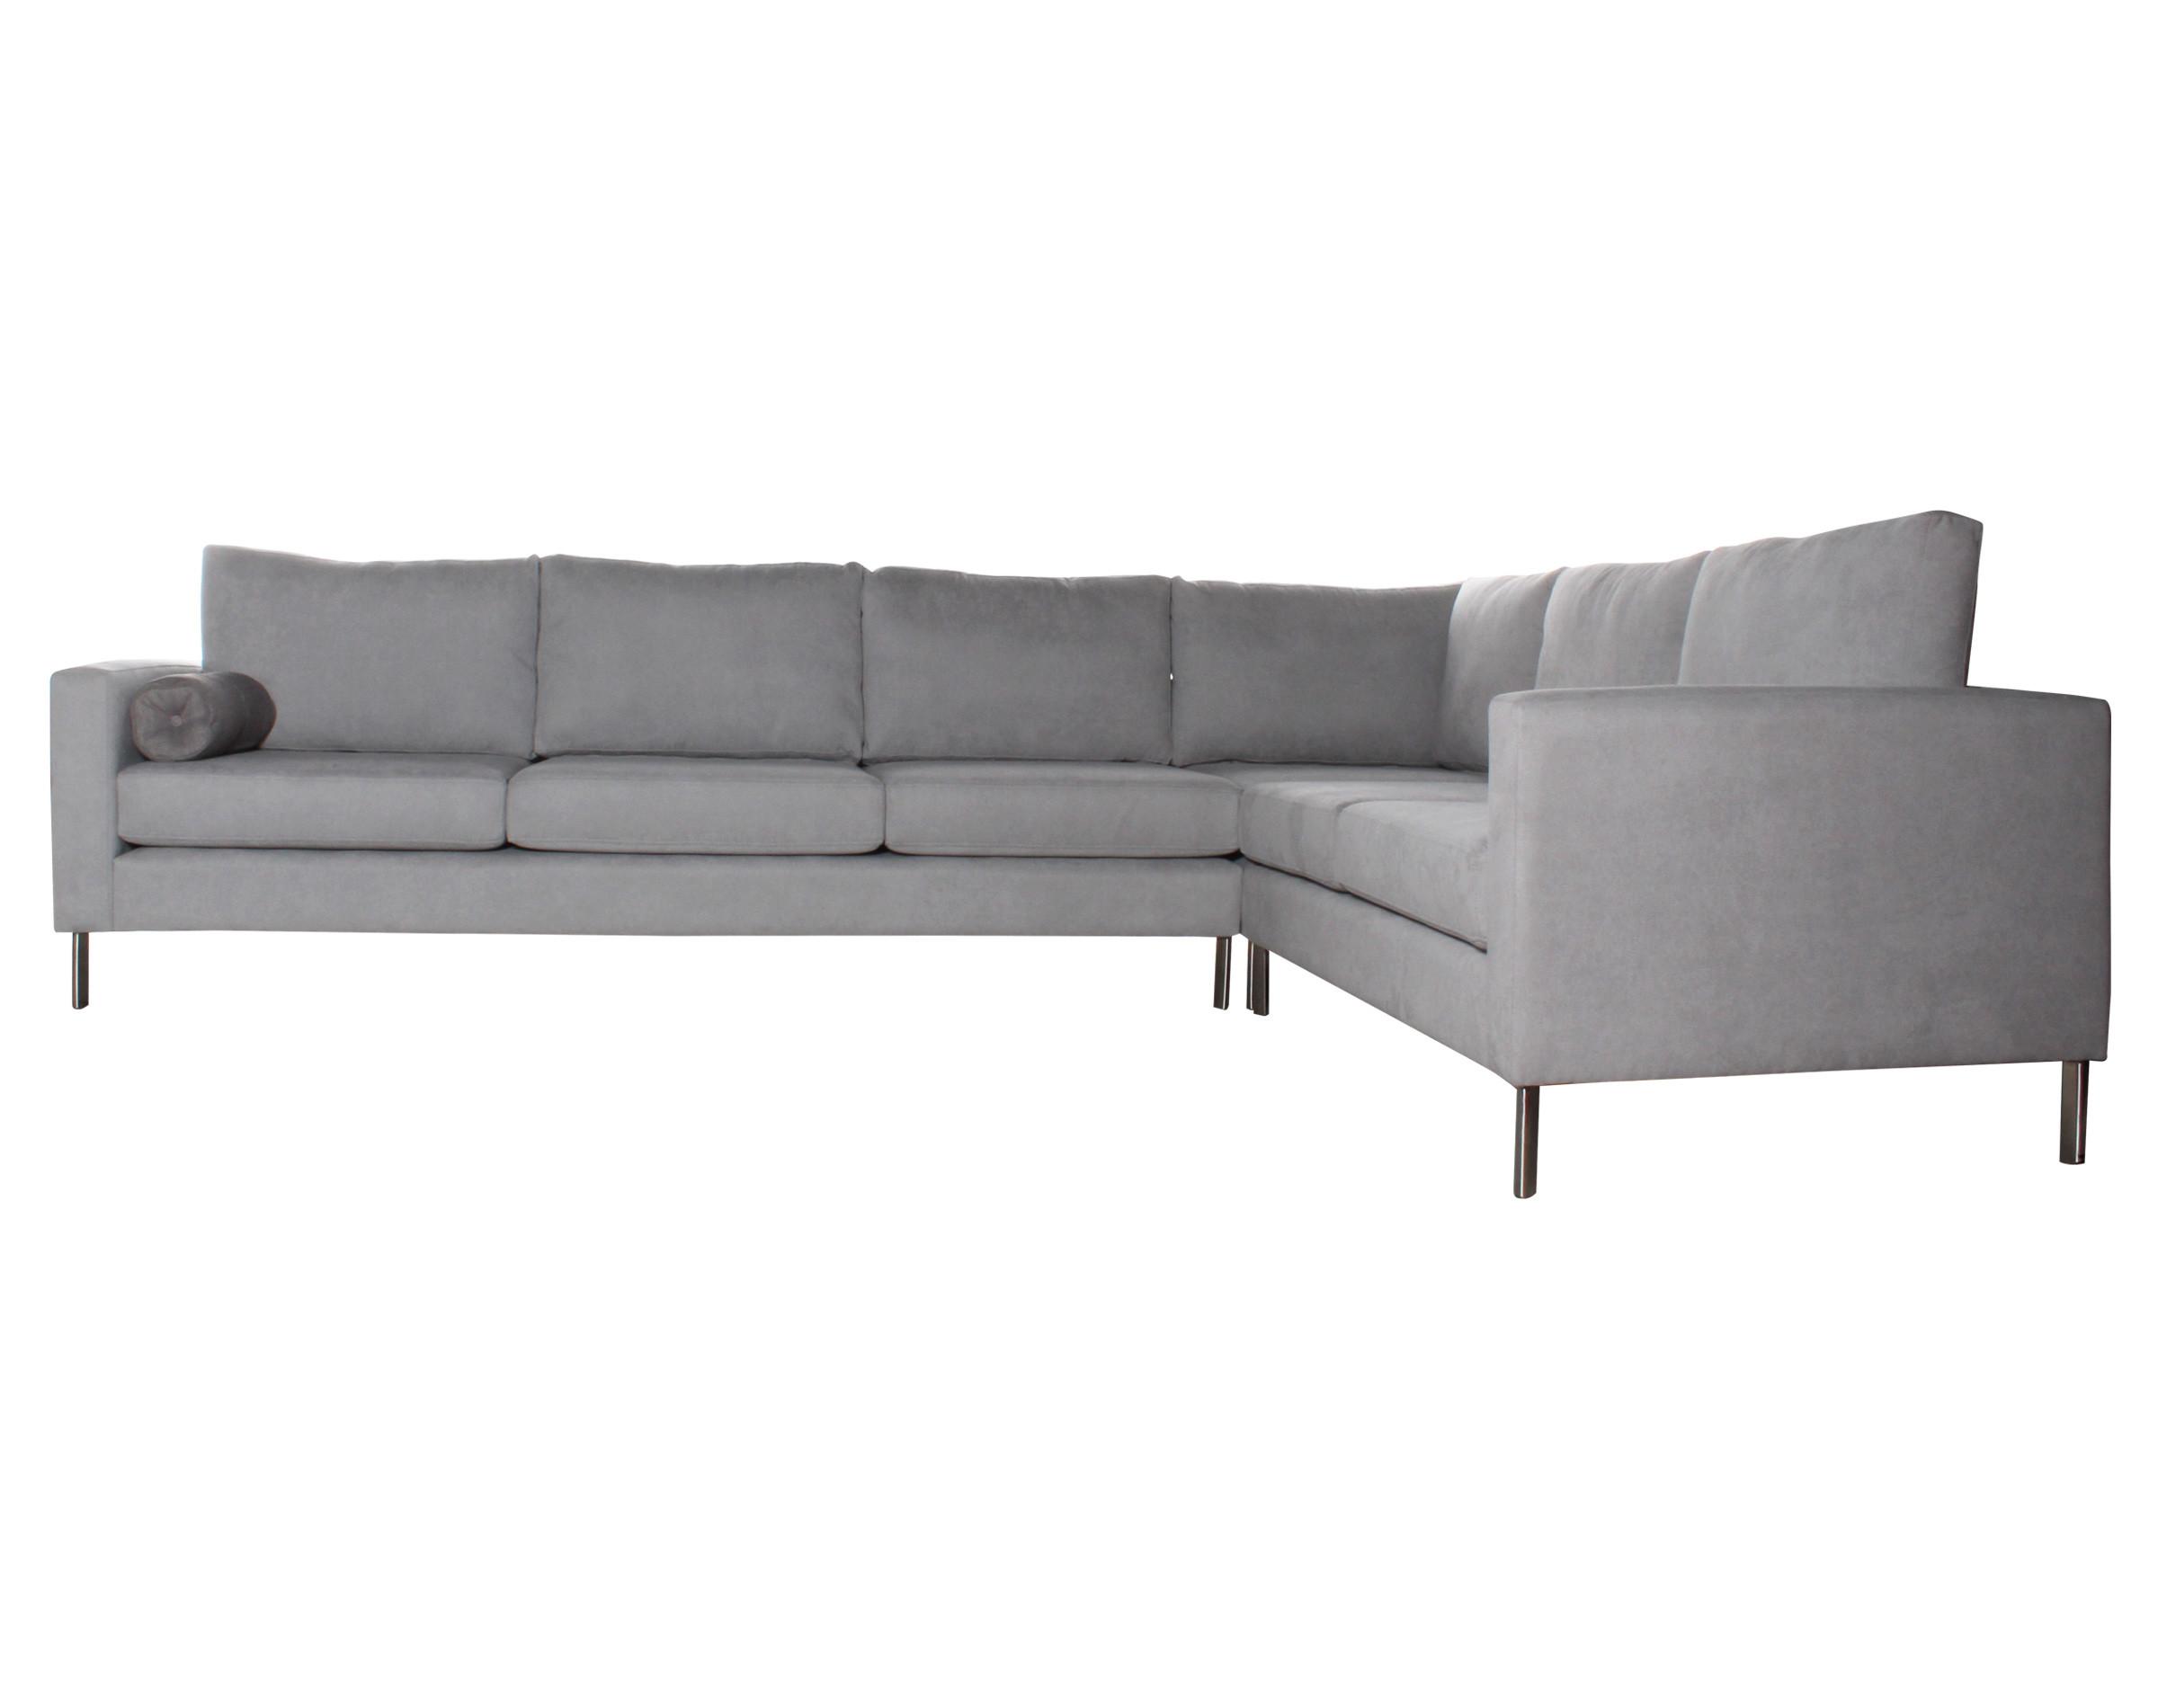 Sofá modular Dresde perla con patas metálicas